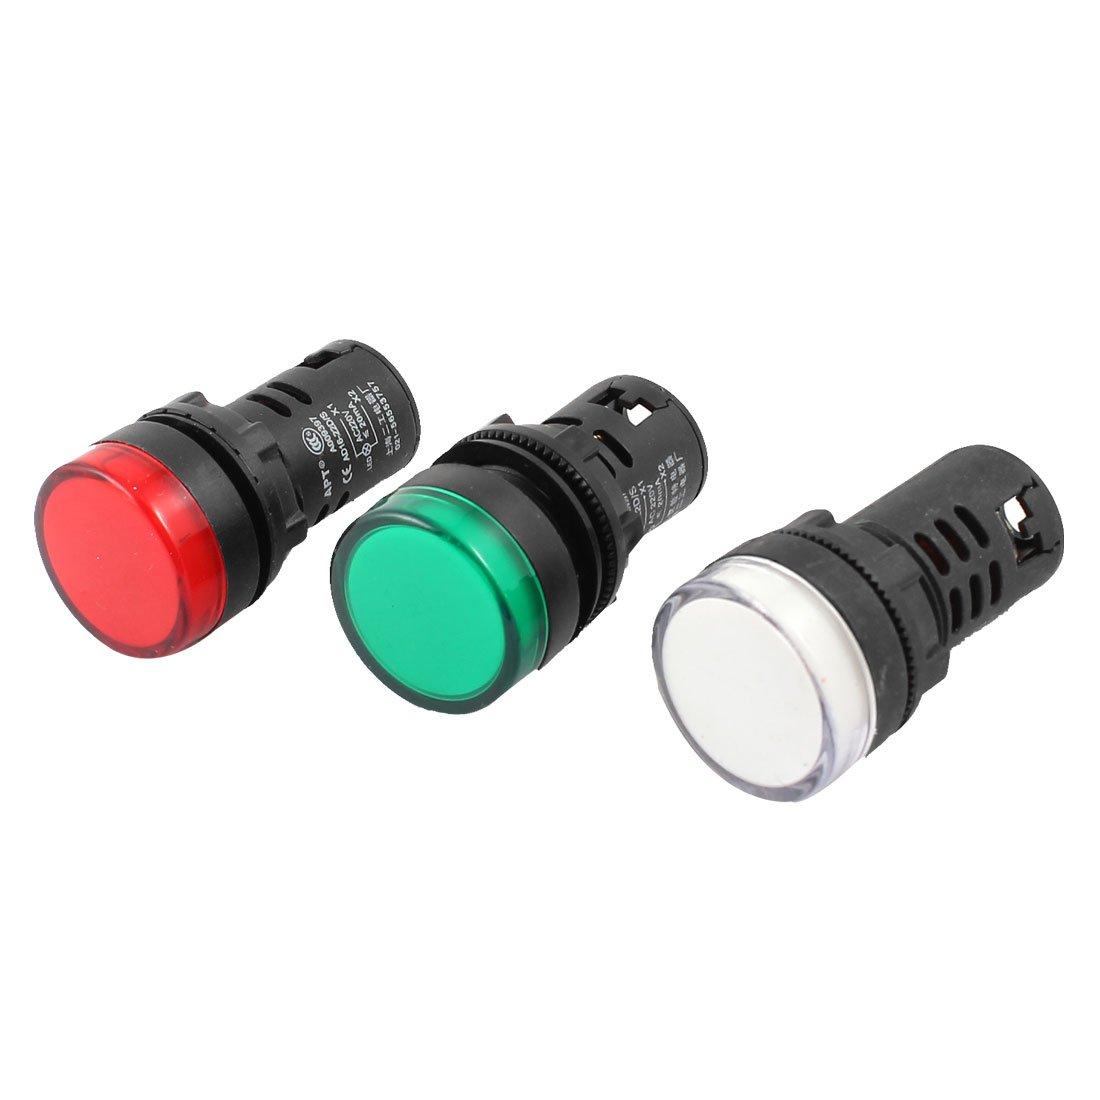 Sourcingmap® AC 220V 20 mA LED Lampe de signalisation Rouge Vert 16-22D AD S/Blanc Lot de 3